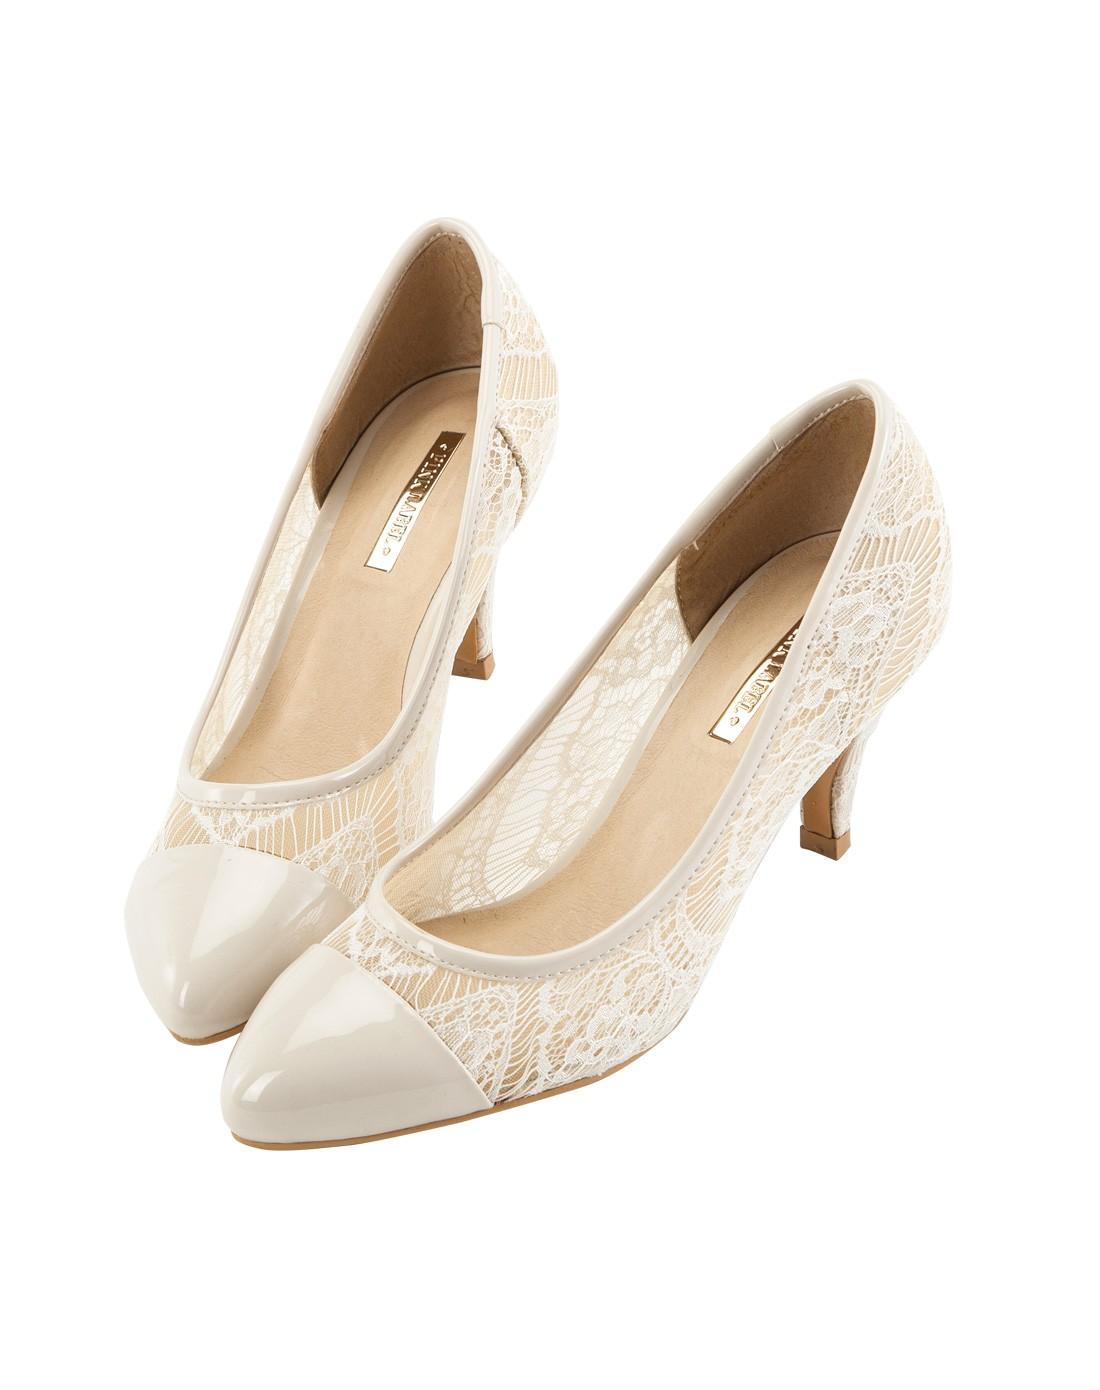 明星设计款 米白色 裸感蕾丝高跟鞋